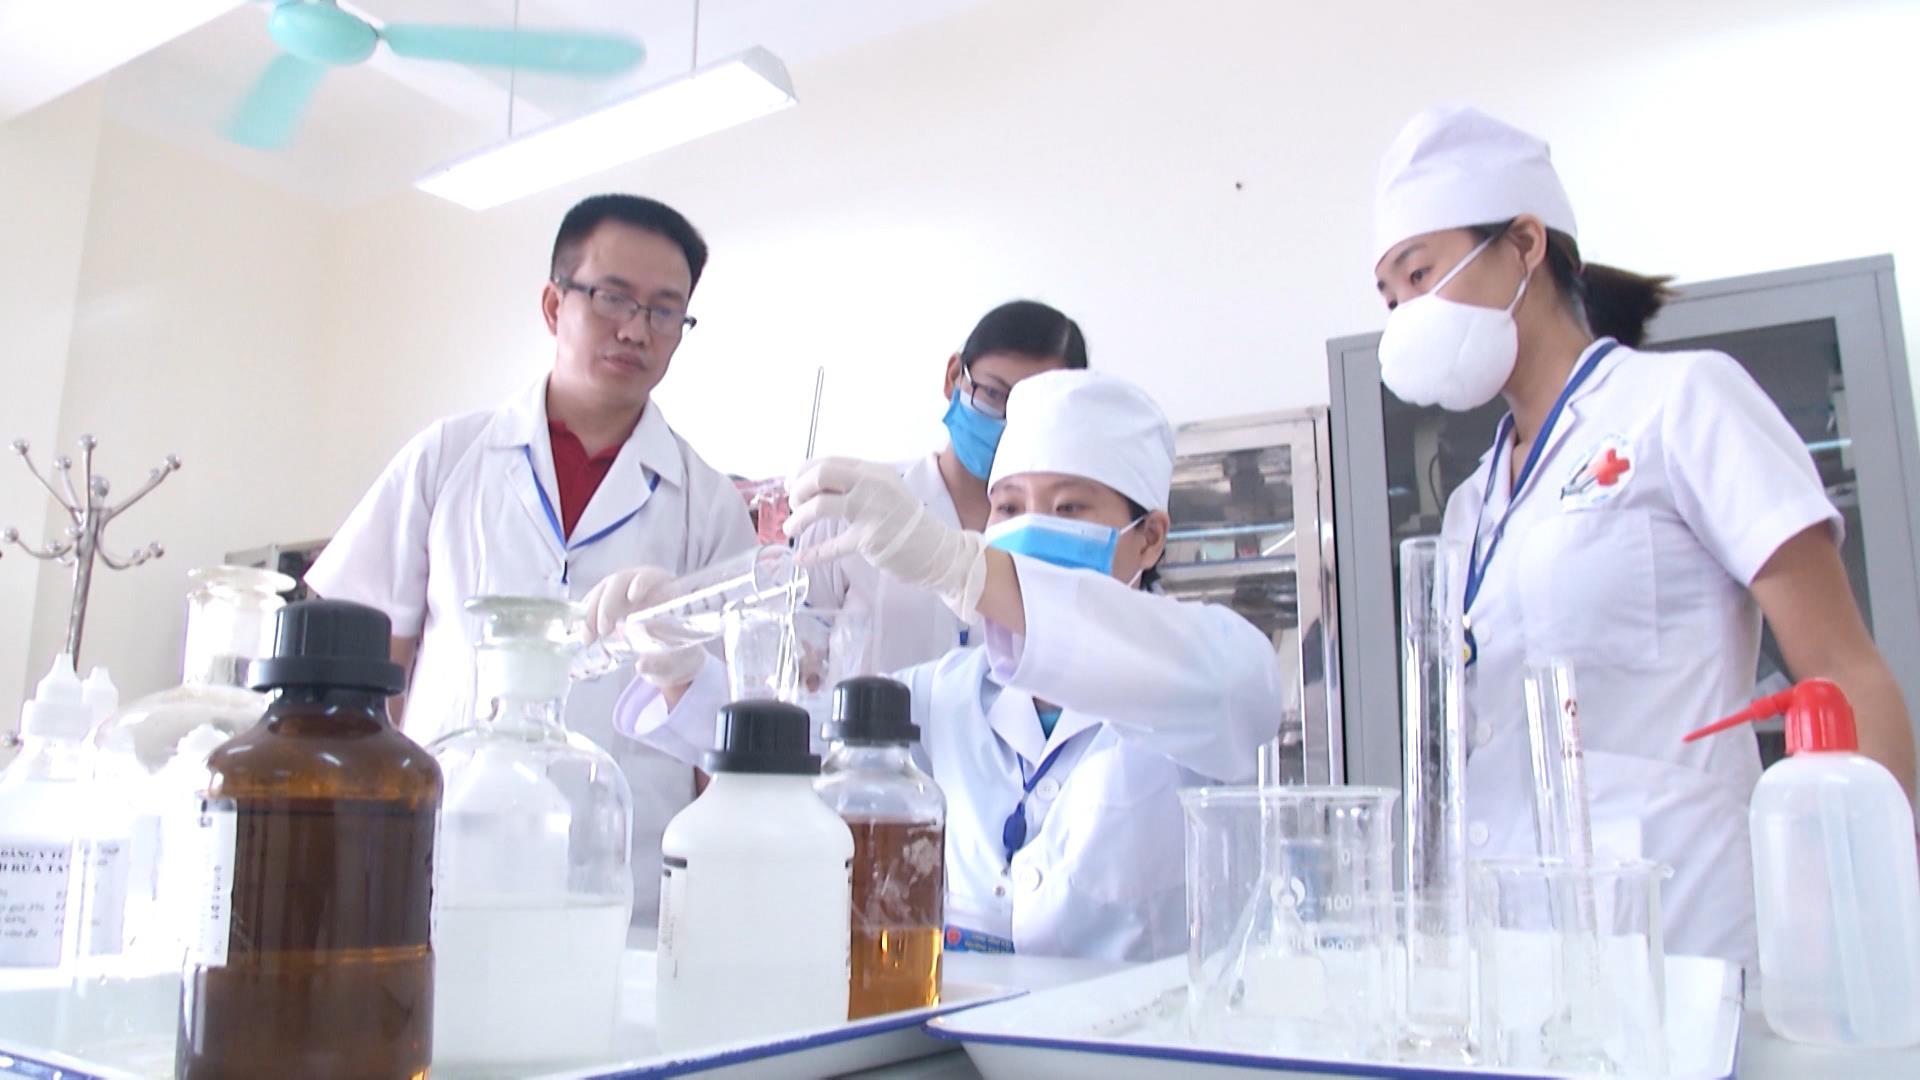 Ngân hàng Nhà nước Chi nhánh tỉnh Bắc Ninh triển khai nhiệm vụ 6 tháng cuối năm